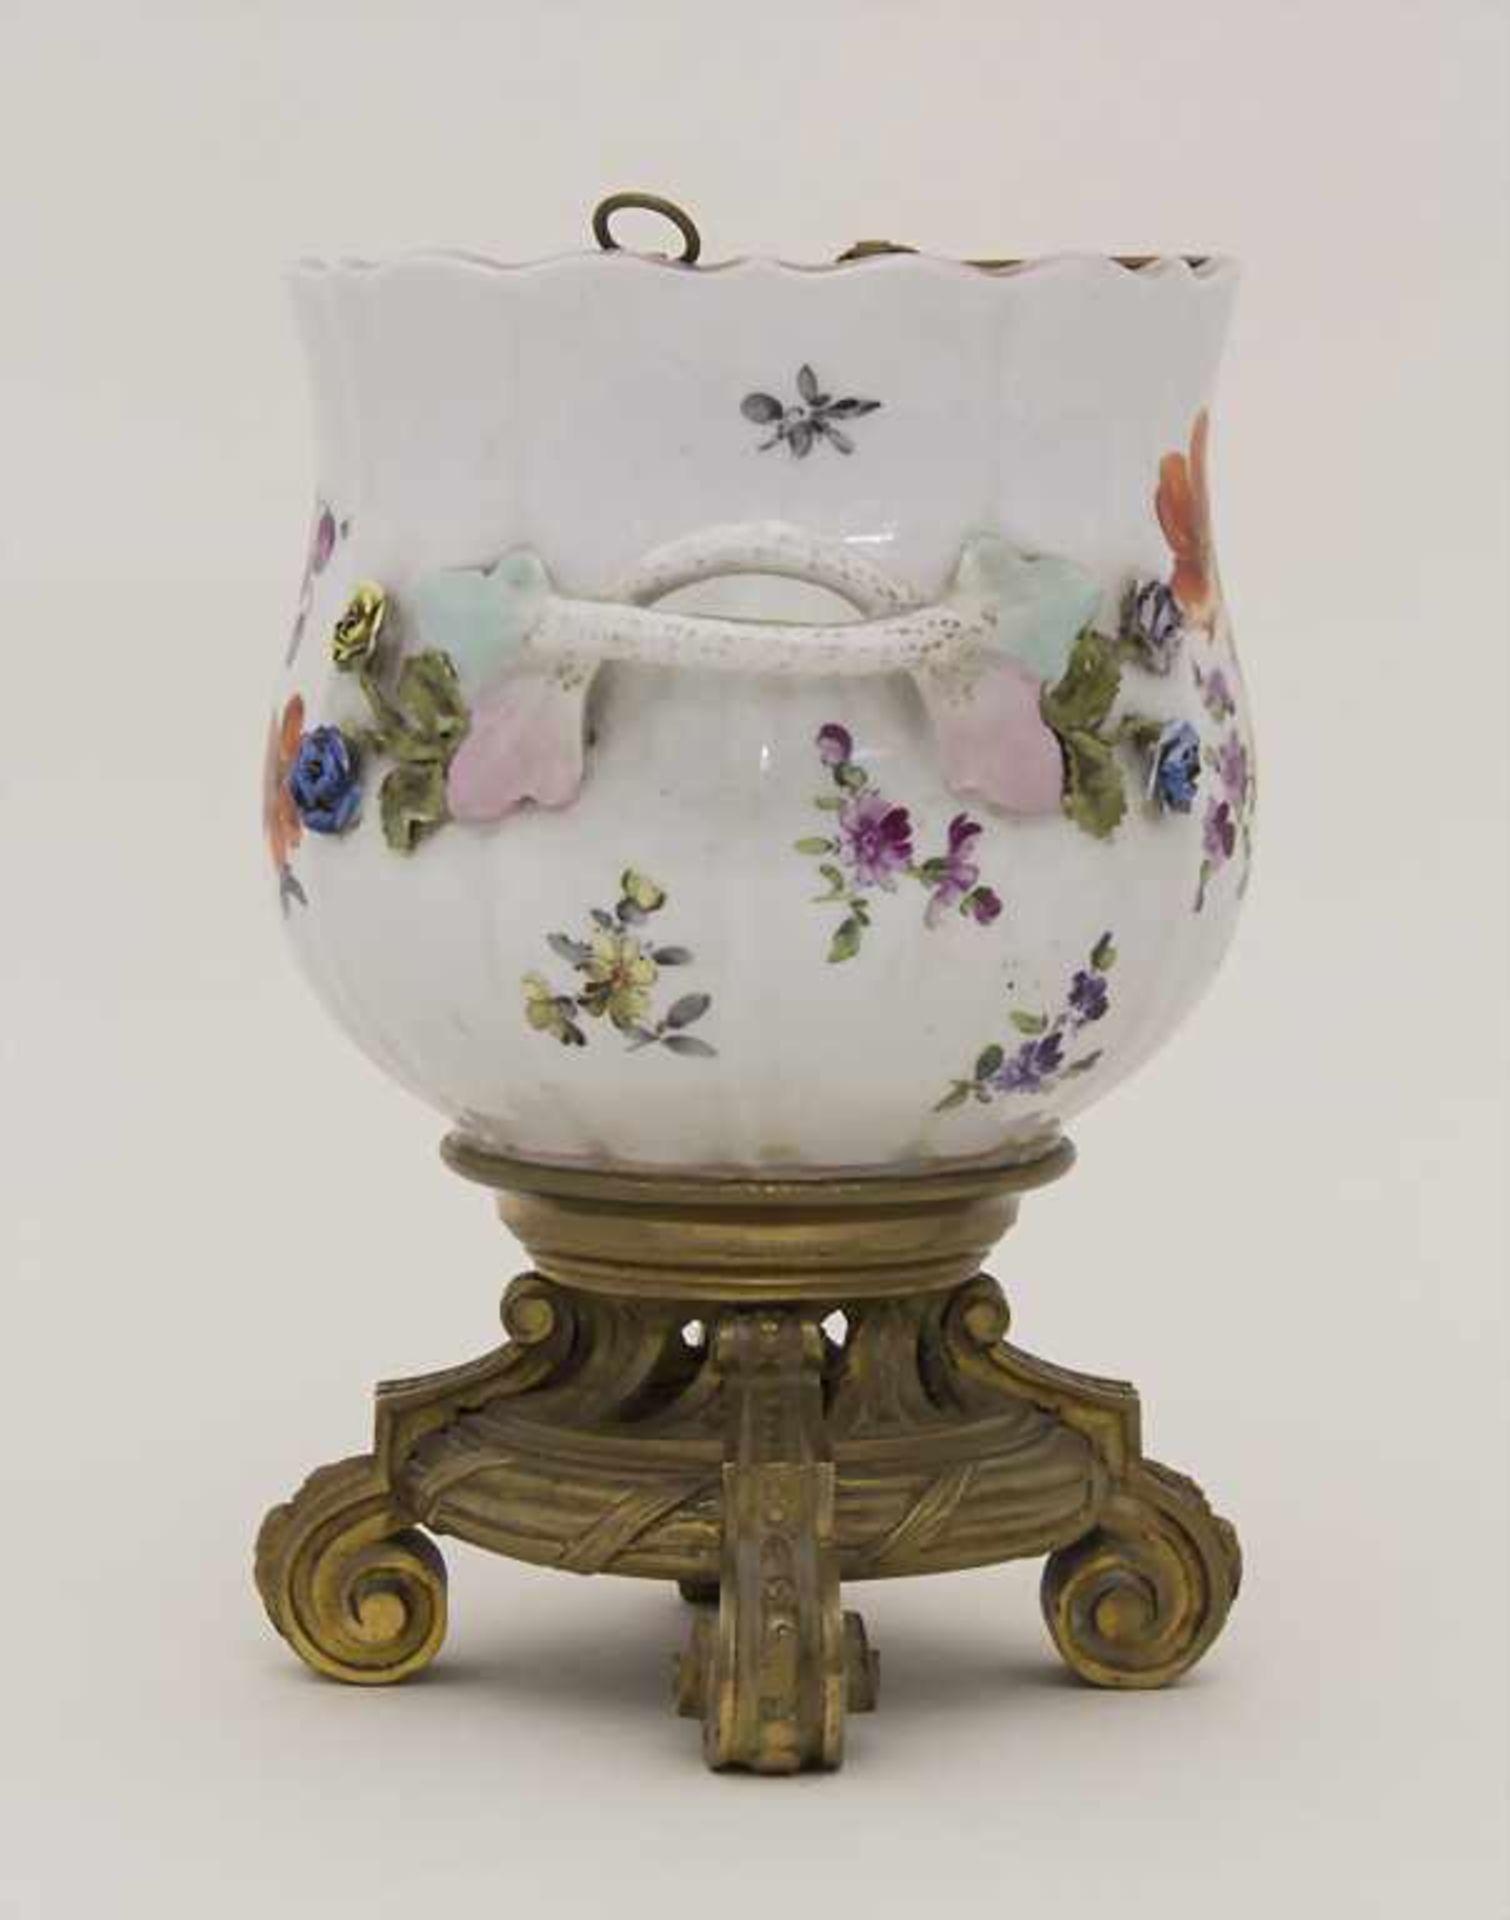 Cachepot mit Bronzemontur und Einsatz / A cachepot with bronze mount and insert, Helena Wolfsohn, - Bild 2 aus 8